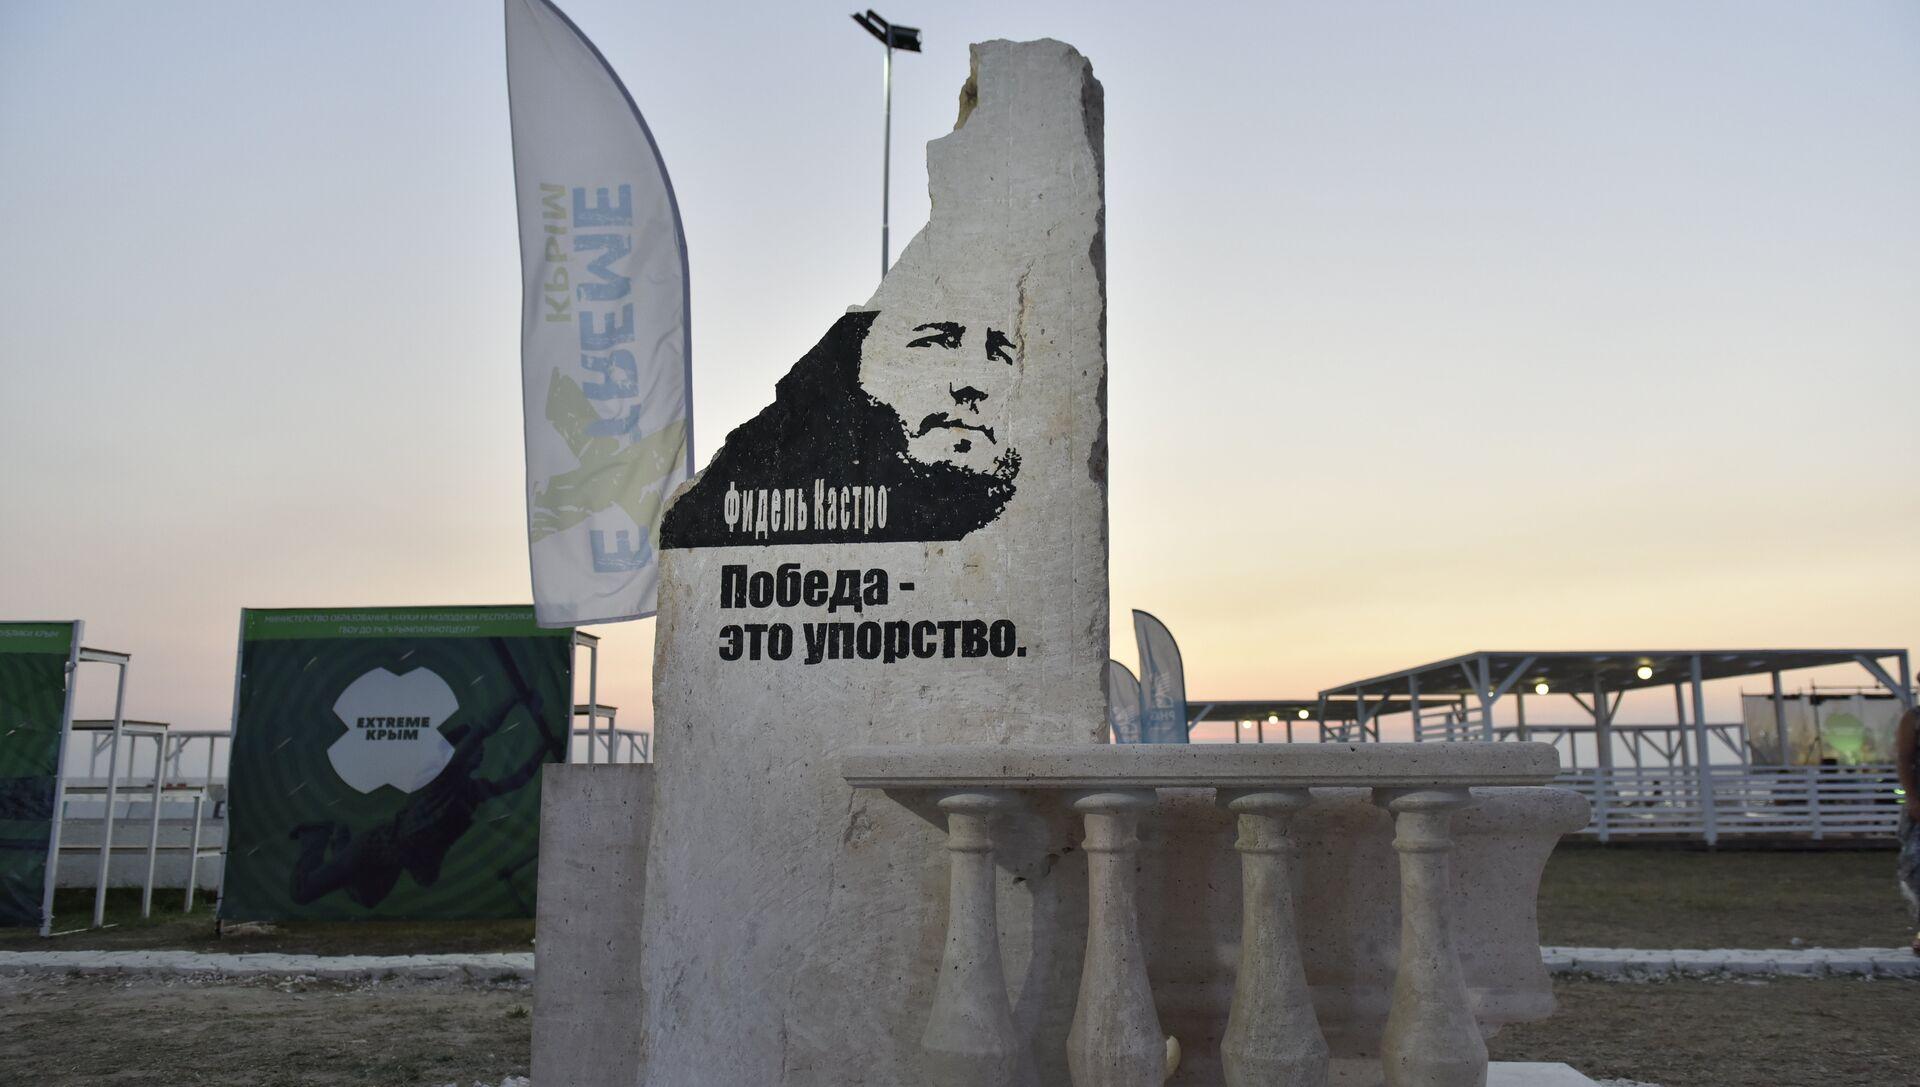 Памятник Фиделю Кастро, установленный на территории фестиваля экстремальных видов спорта Extreme Крым - РИА Новости, 1920, 05.08.2017